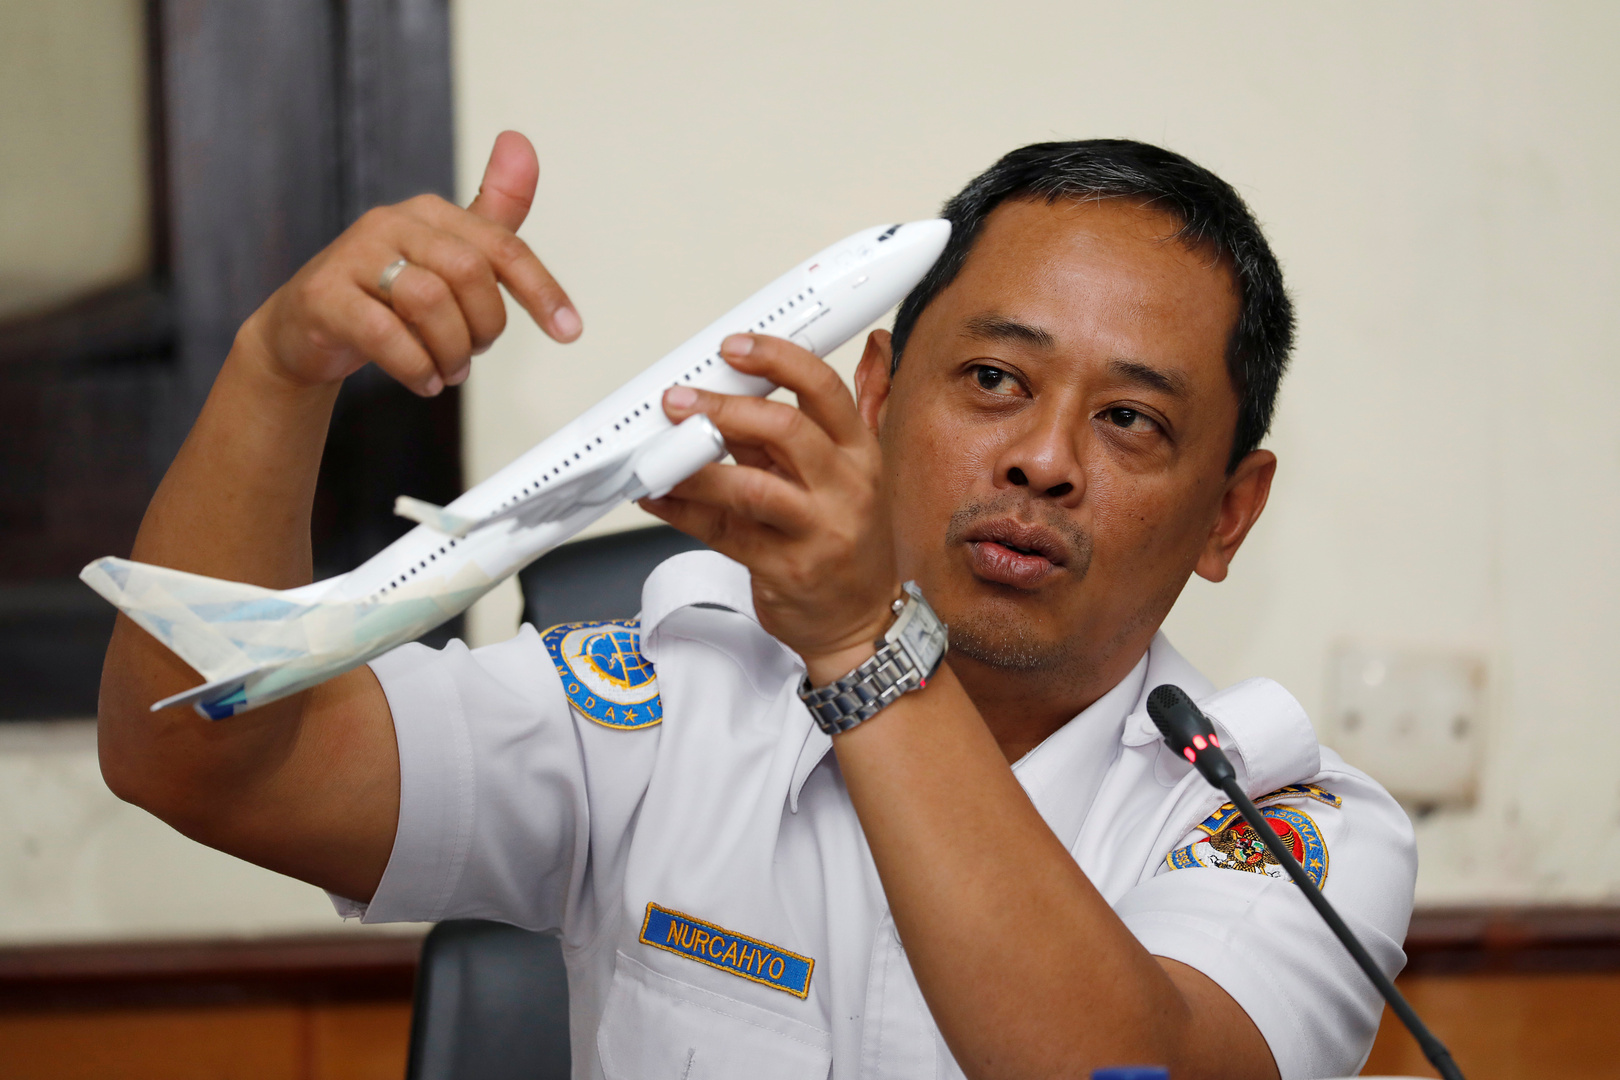 رئيس لجنة حوادث الطيران في إندونيسيا يحمل نموذج طائرة، صورة تعبيرية